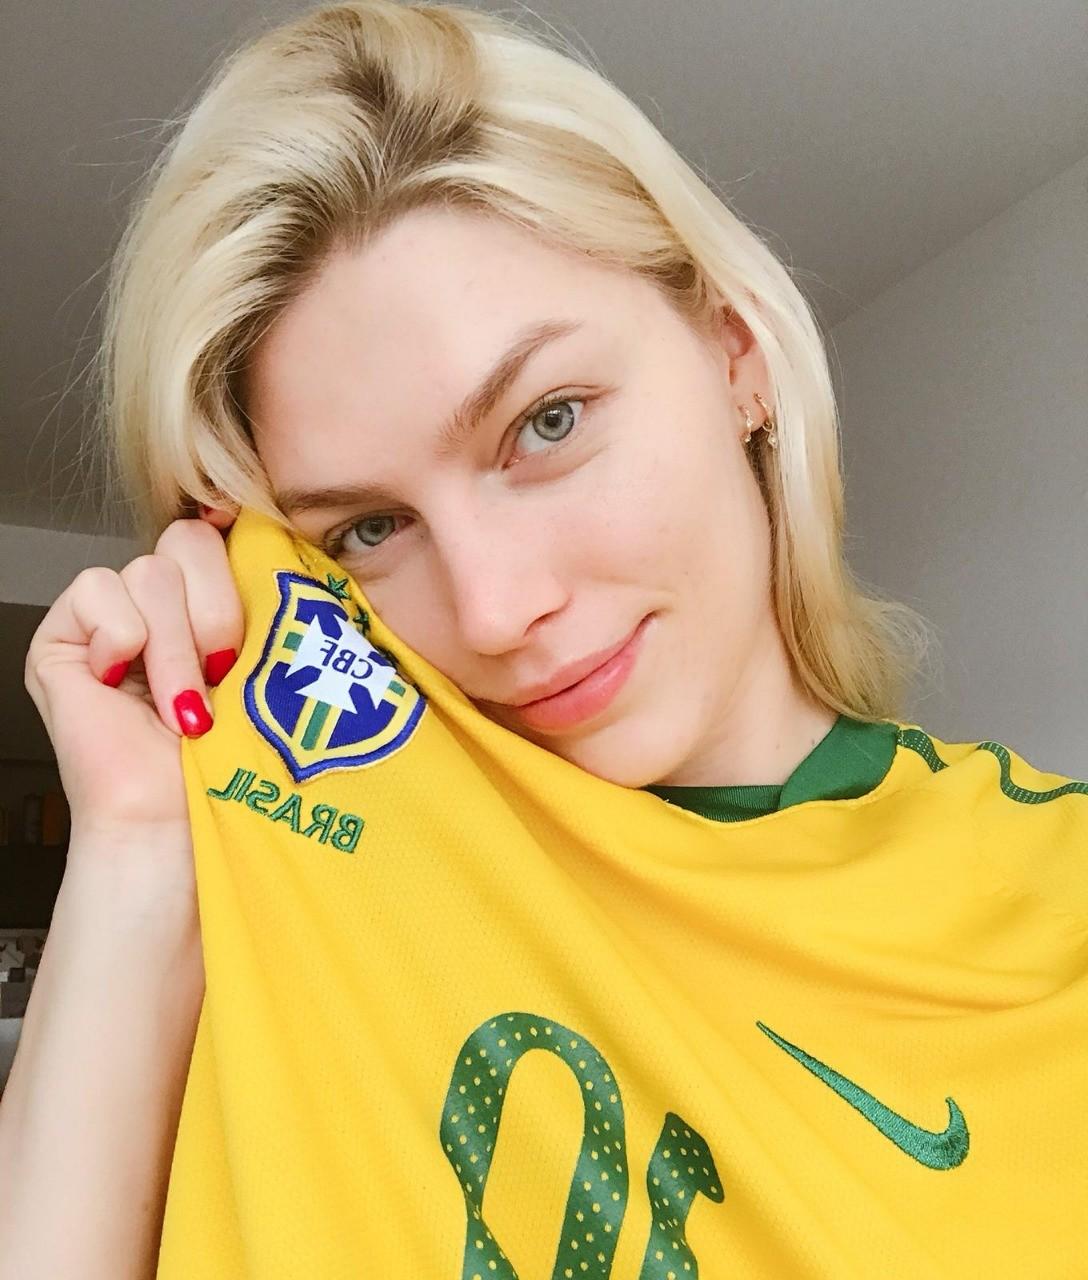 Aline Weber veste as cores da seleção canarinho (Foto: Reprodução/Instagram)